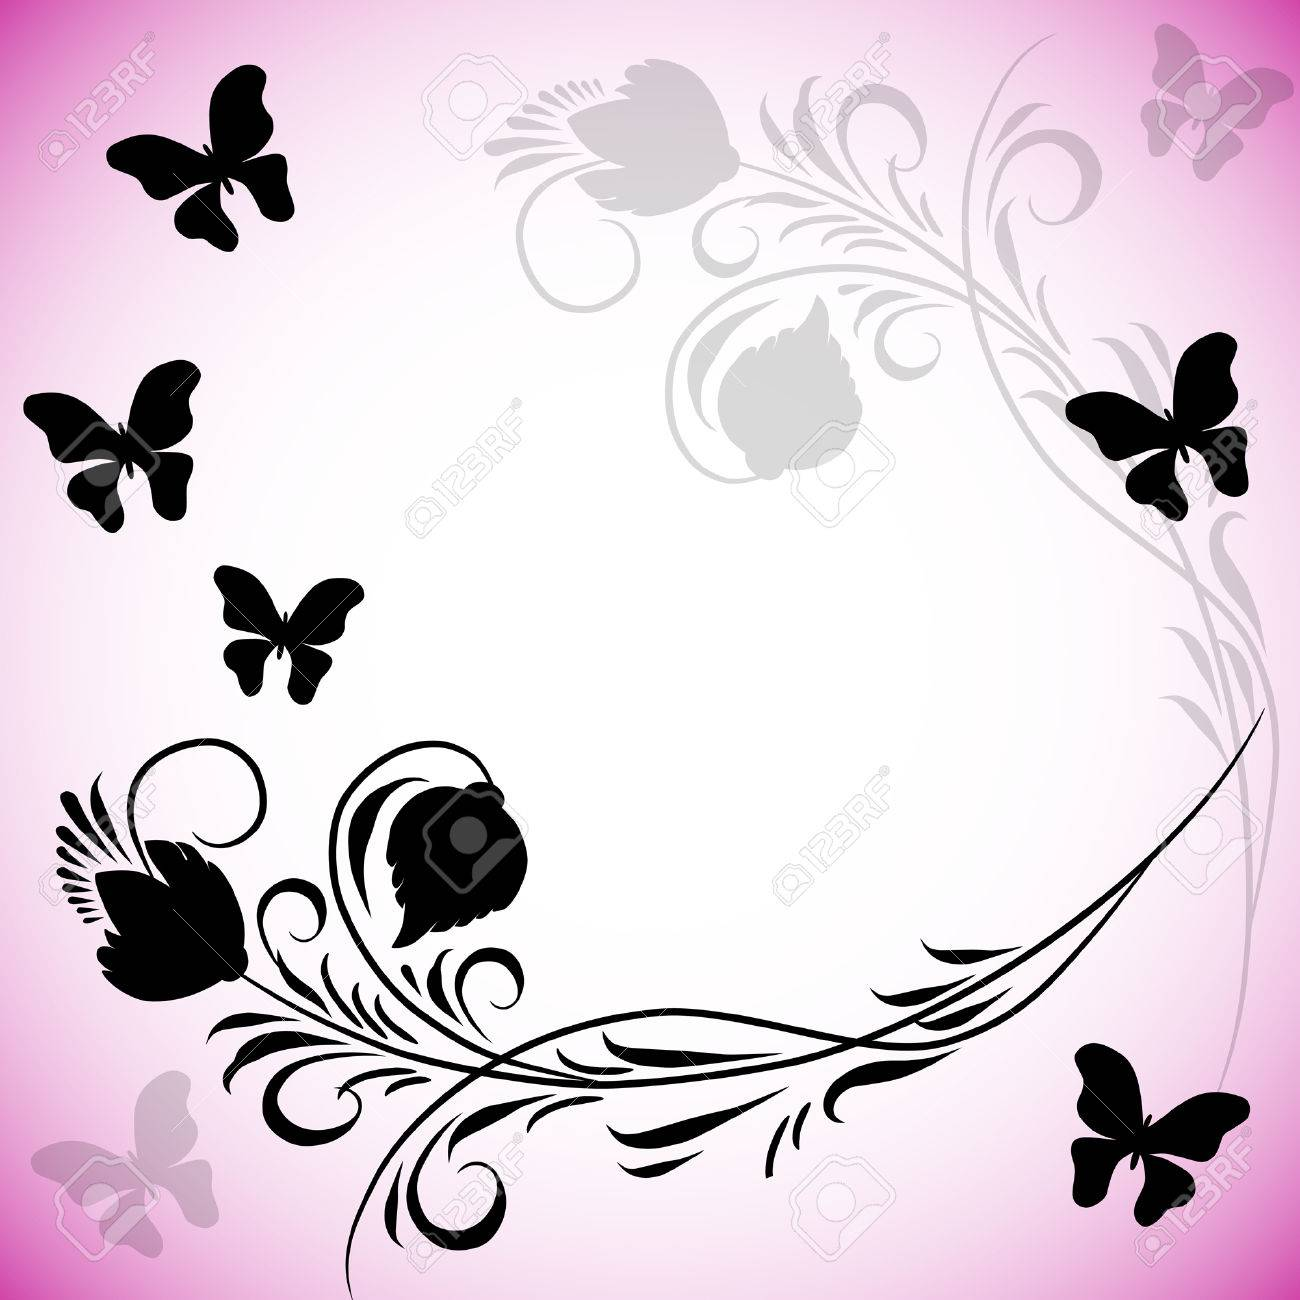 Vettoriale Sfondo Rosa Con Farfalle In Stile Retrò Image 8966150